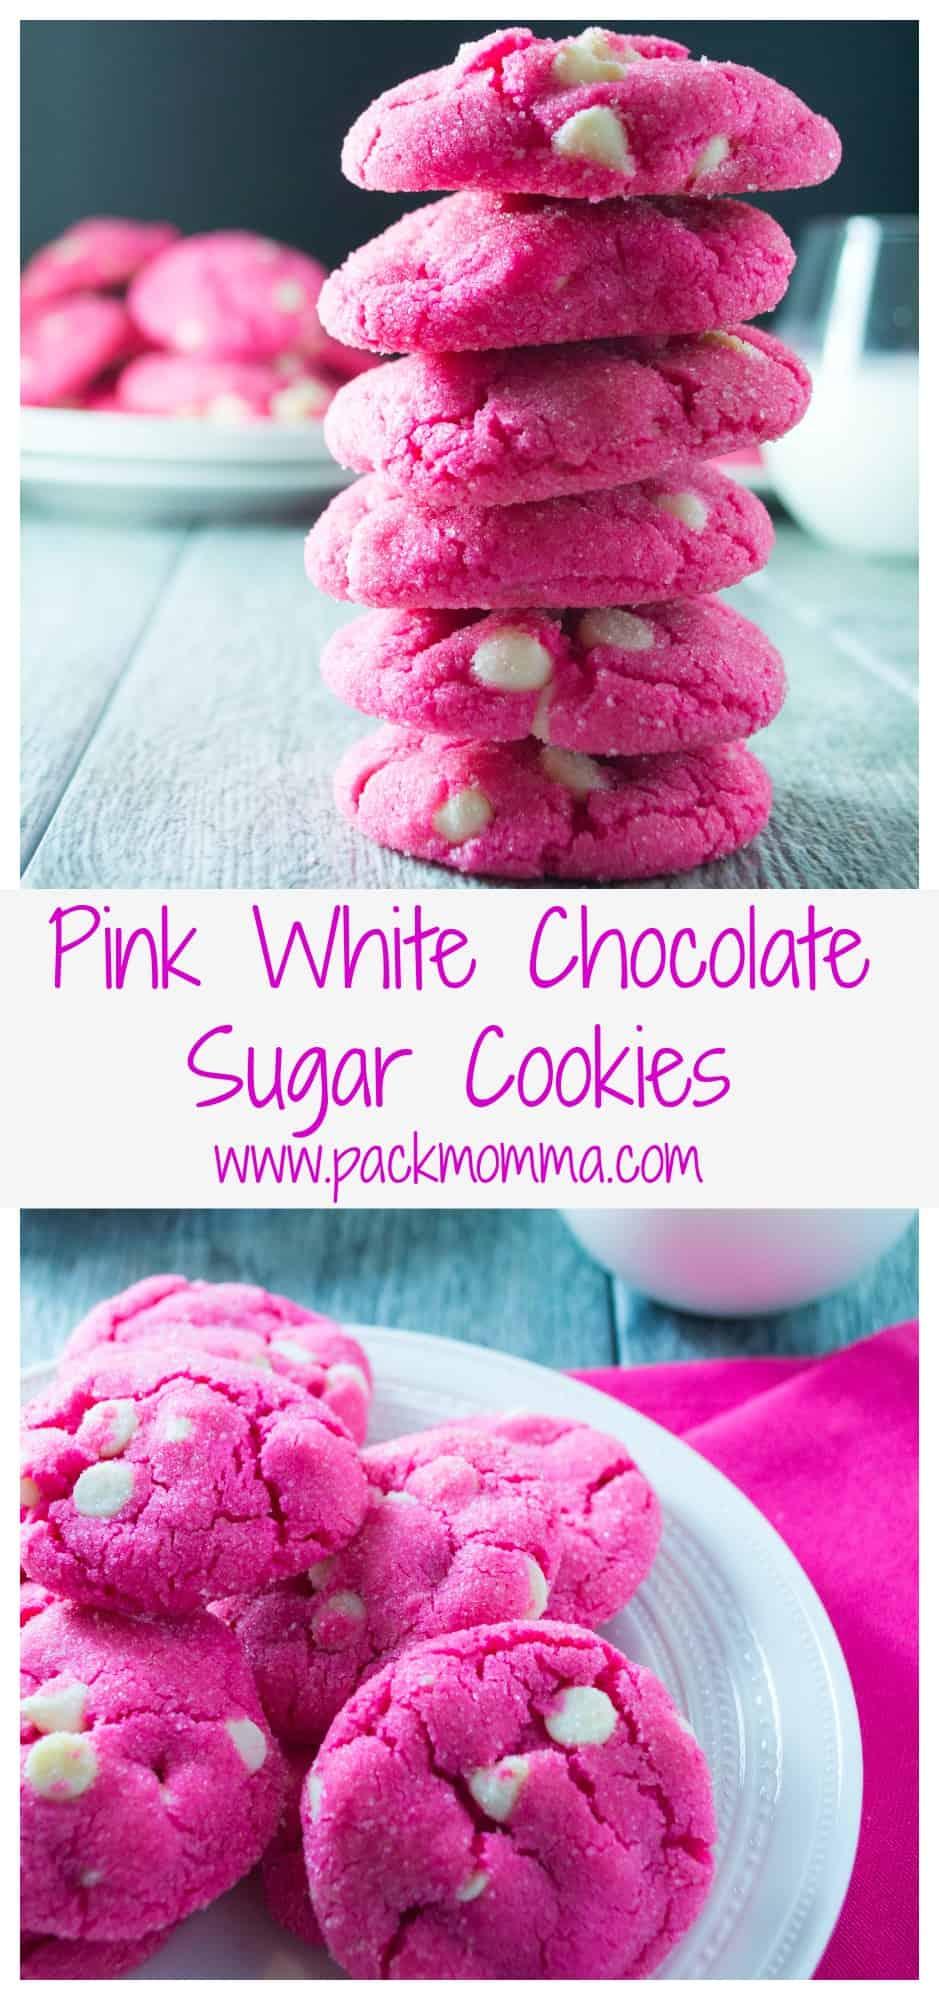 Pink Sugar Cookies | Pack Momma